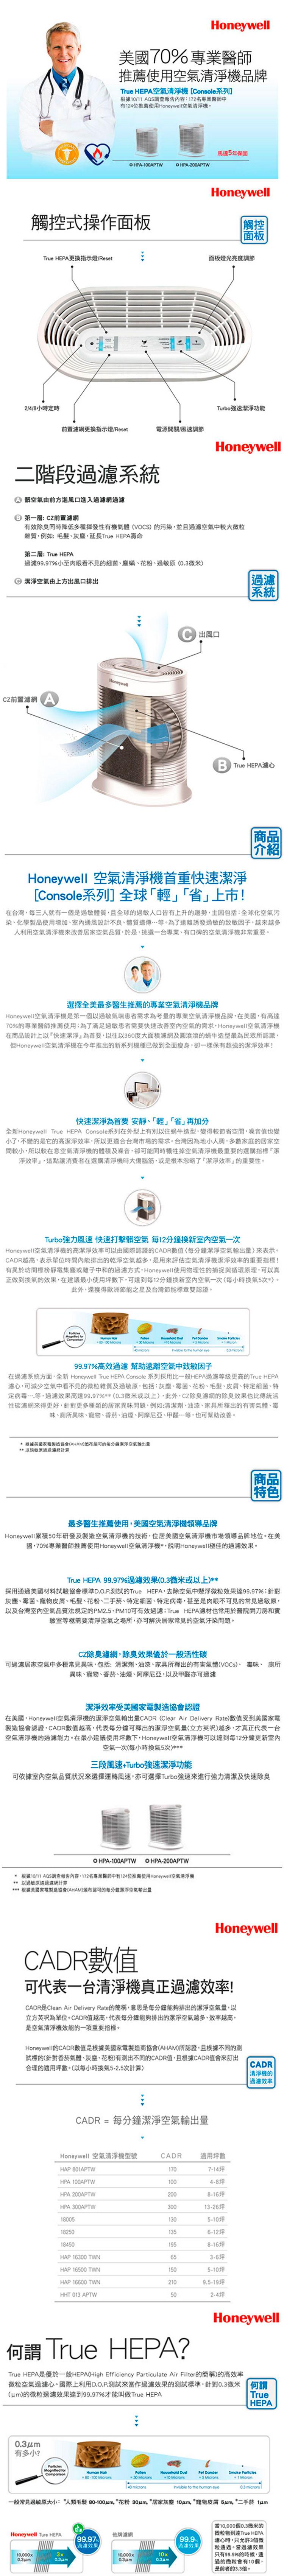 特賣【Honeywell】空氣清淨機 HPA-300APTW